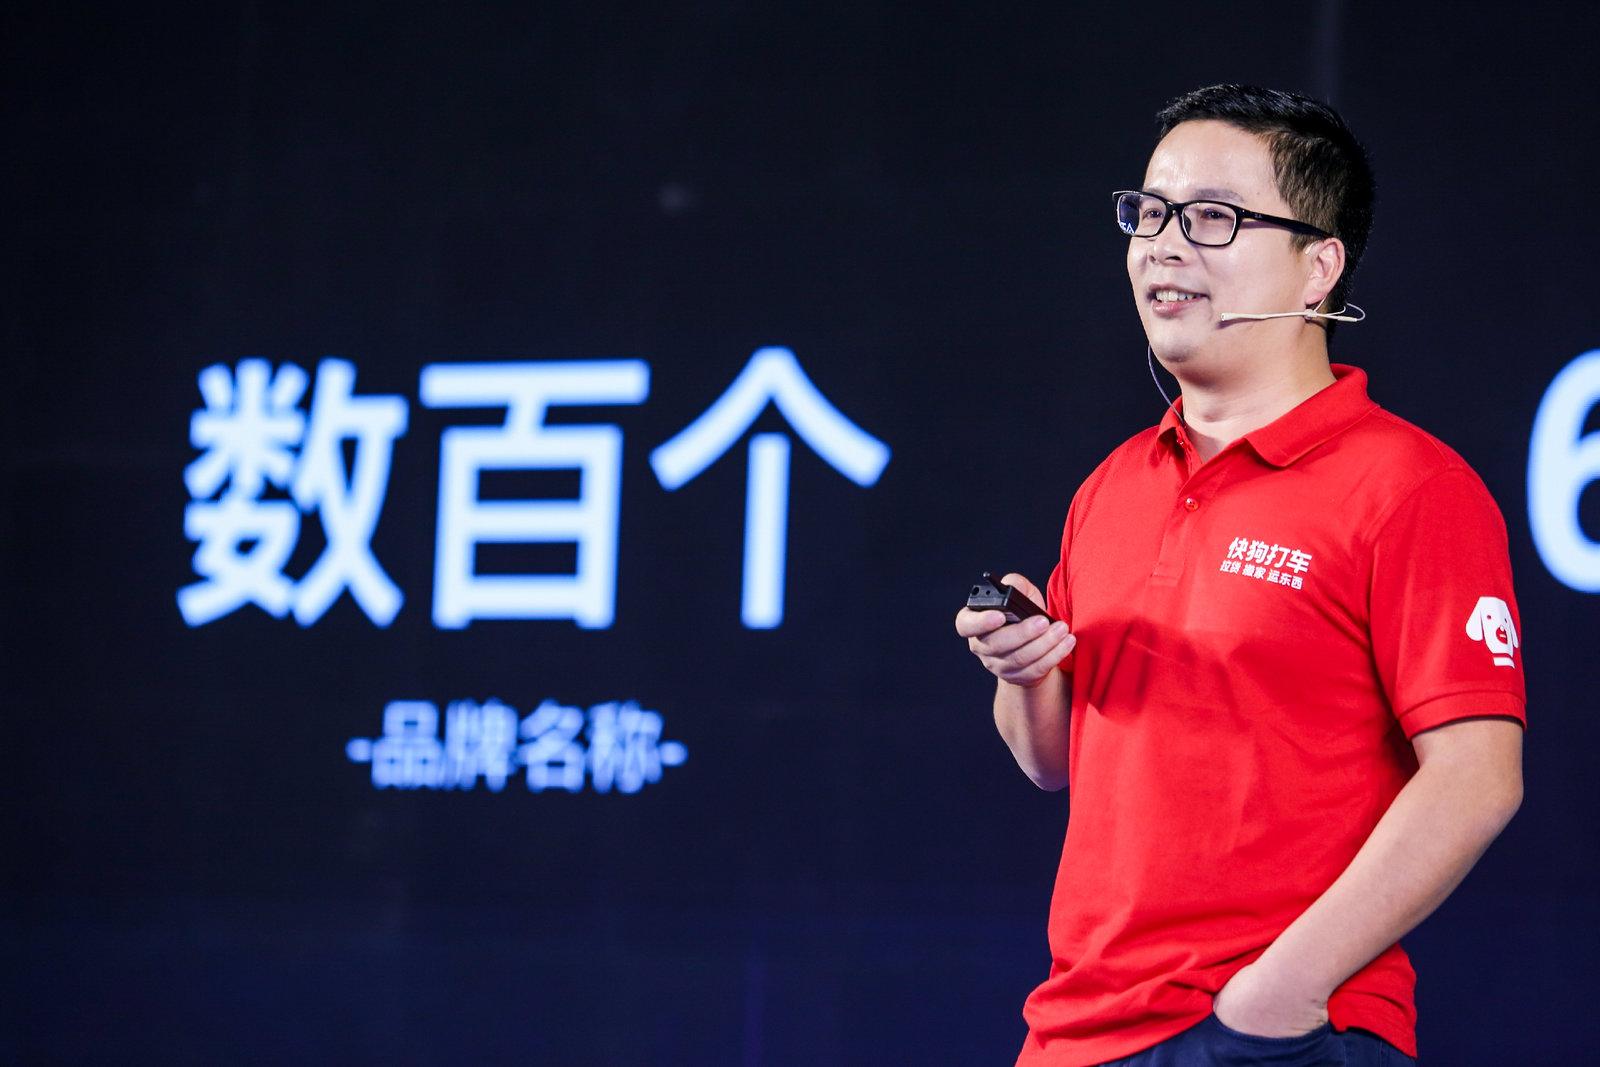 """""""快狗打车App""""发布新战略 重新拓宽业务线"""